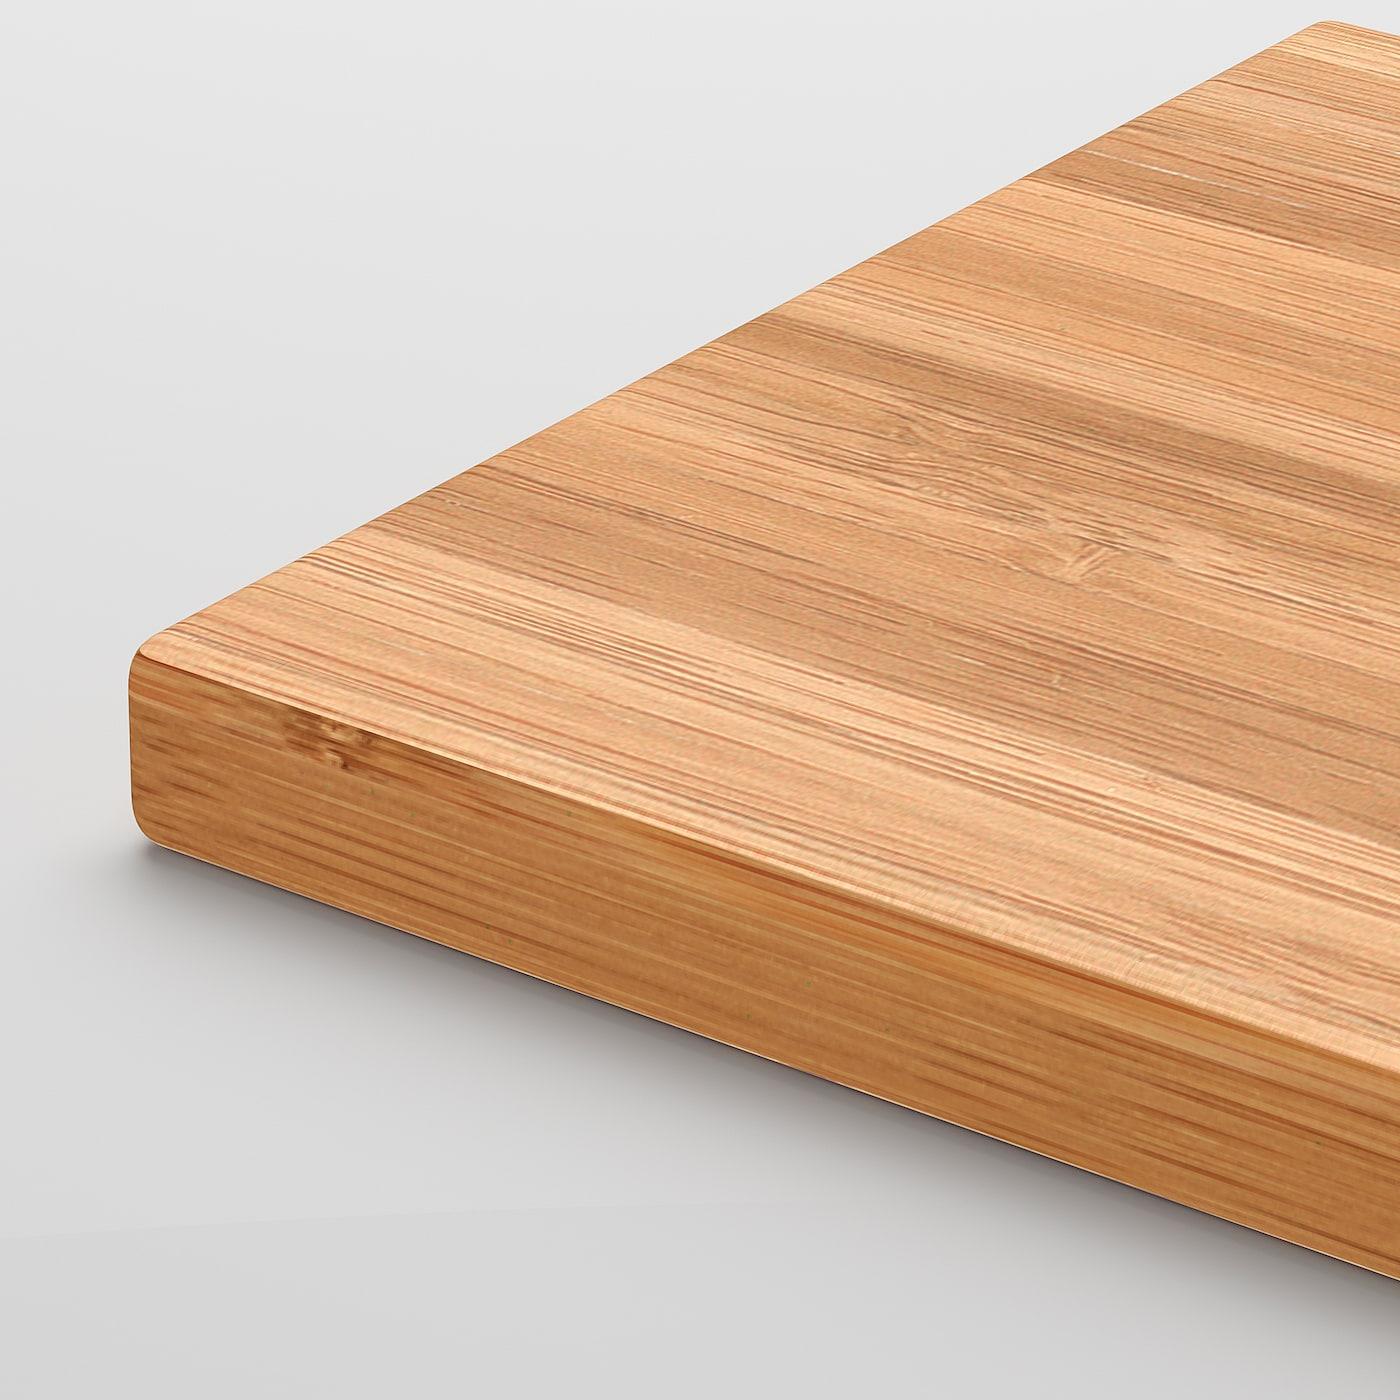 Aptitlig Deska Do Krojenia Bambus Zamow Dzis Ikea